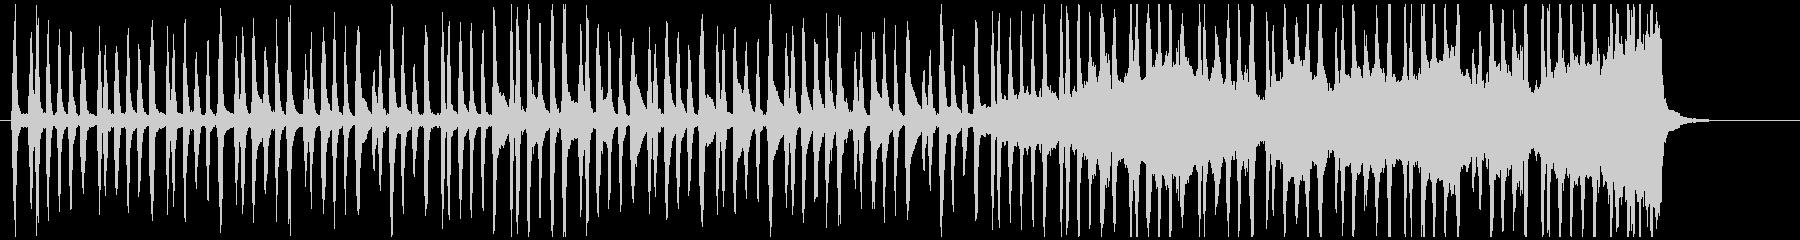 オーケストラ・和風な春の始まりBGMの未再生の波形